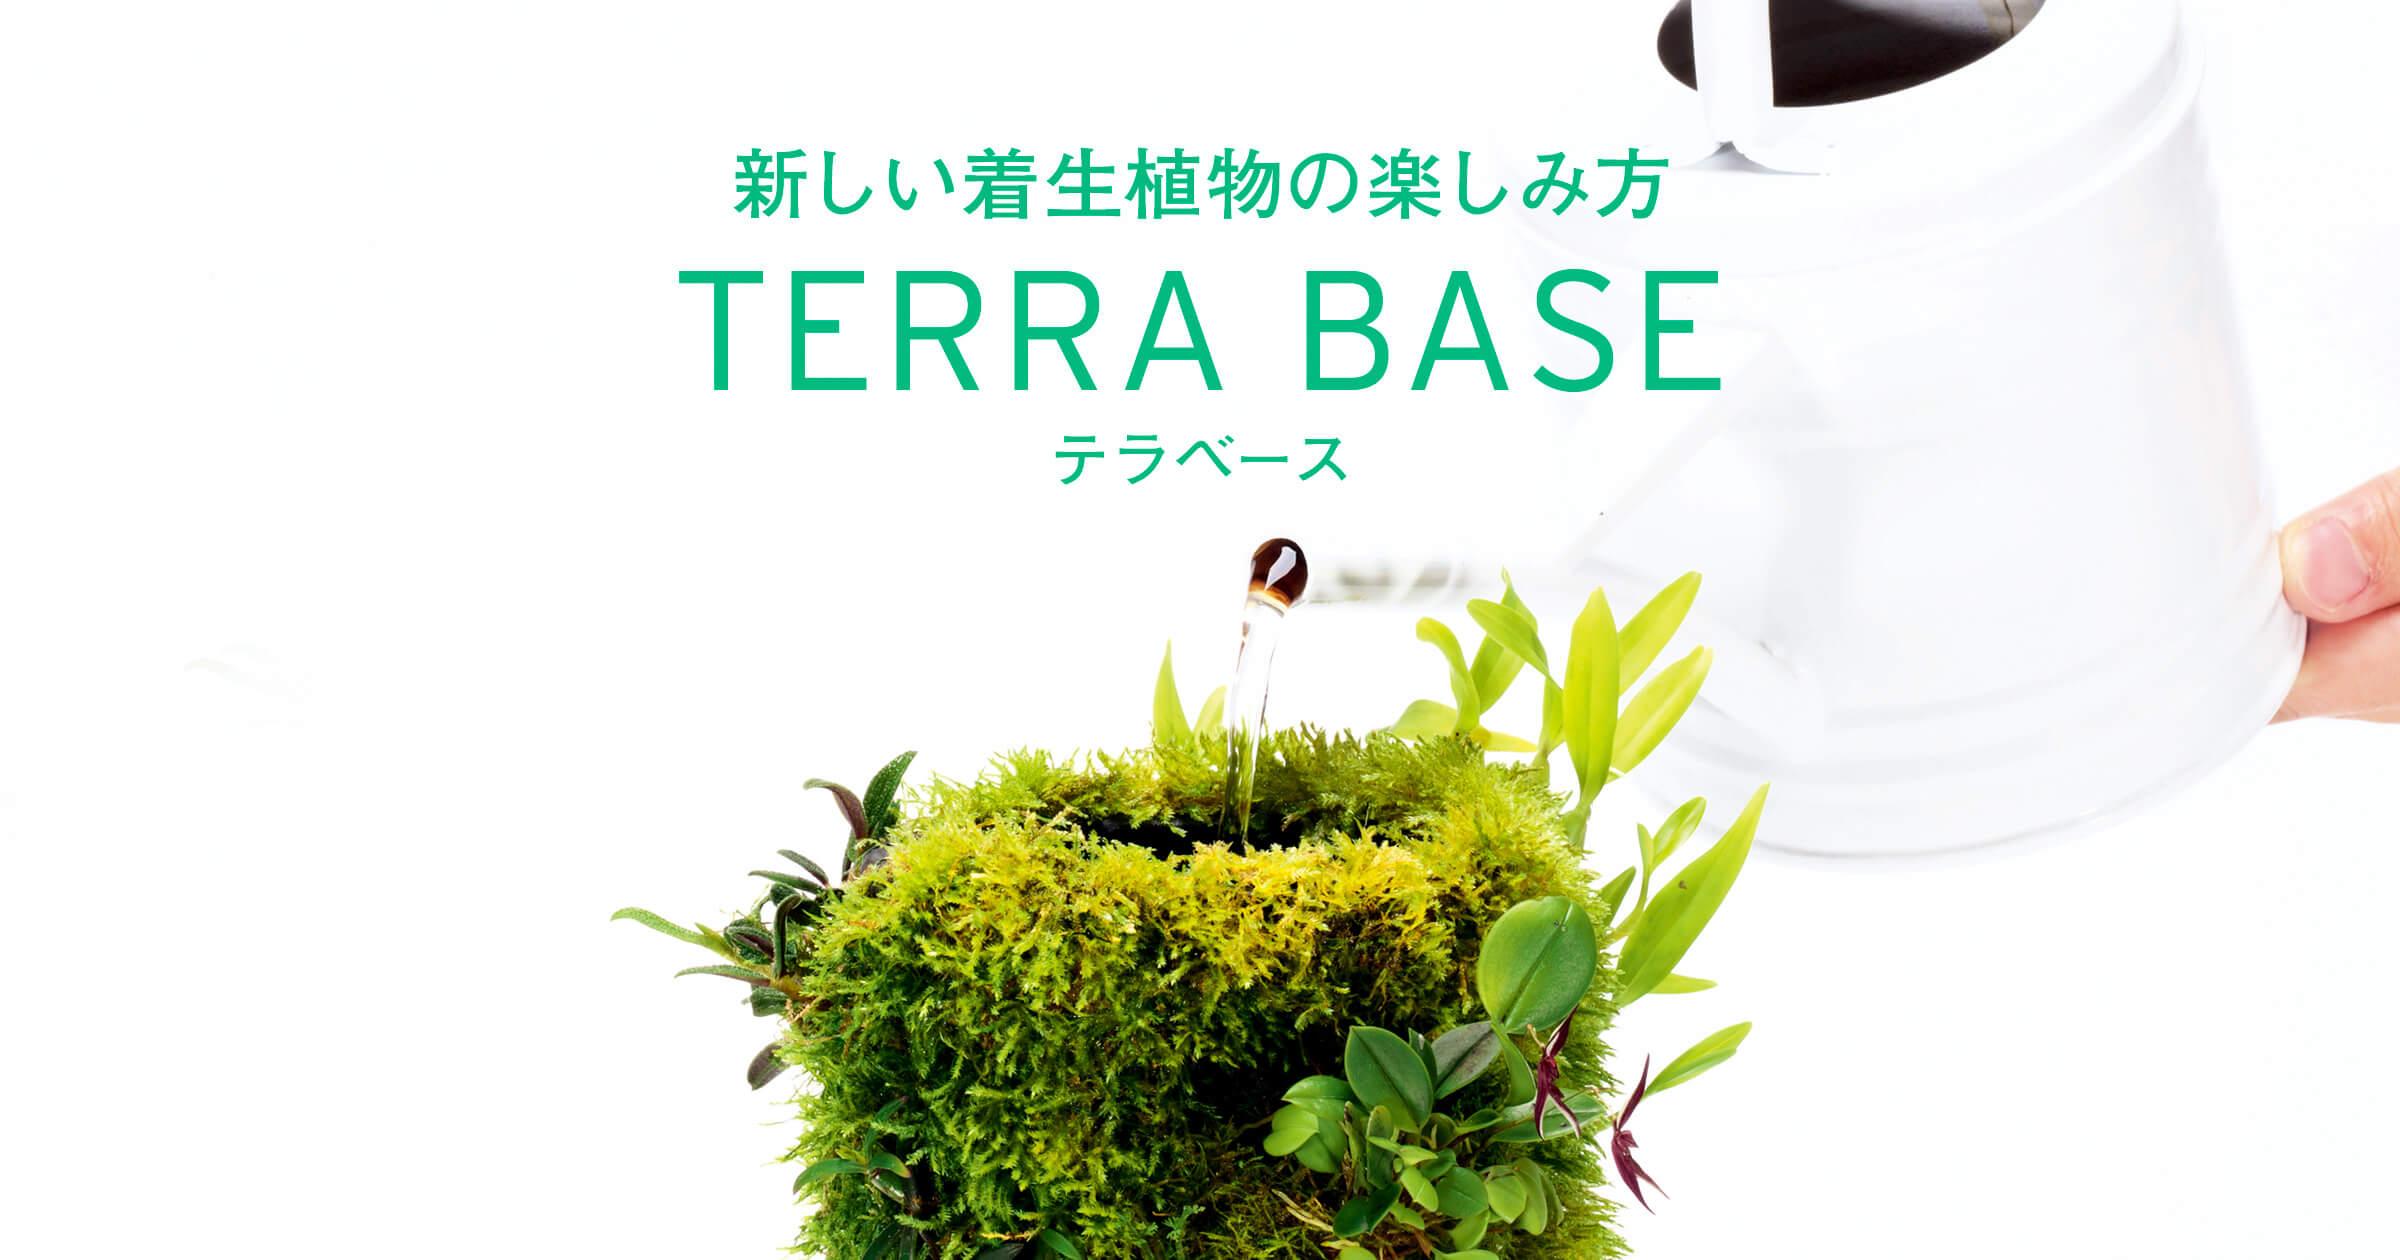 新しい着生植物の楽しみ方「テラベース」